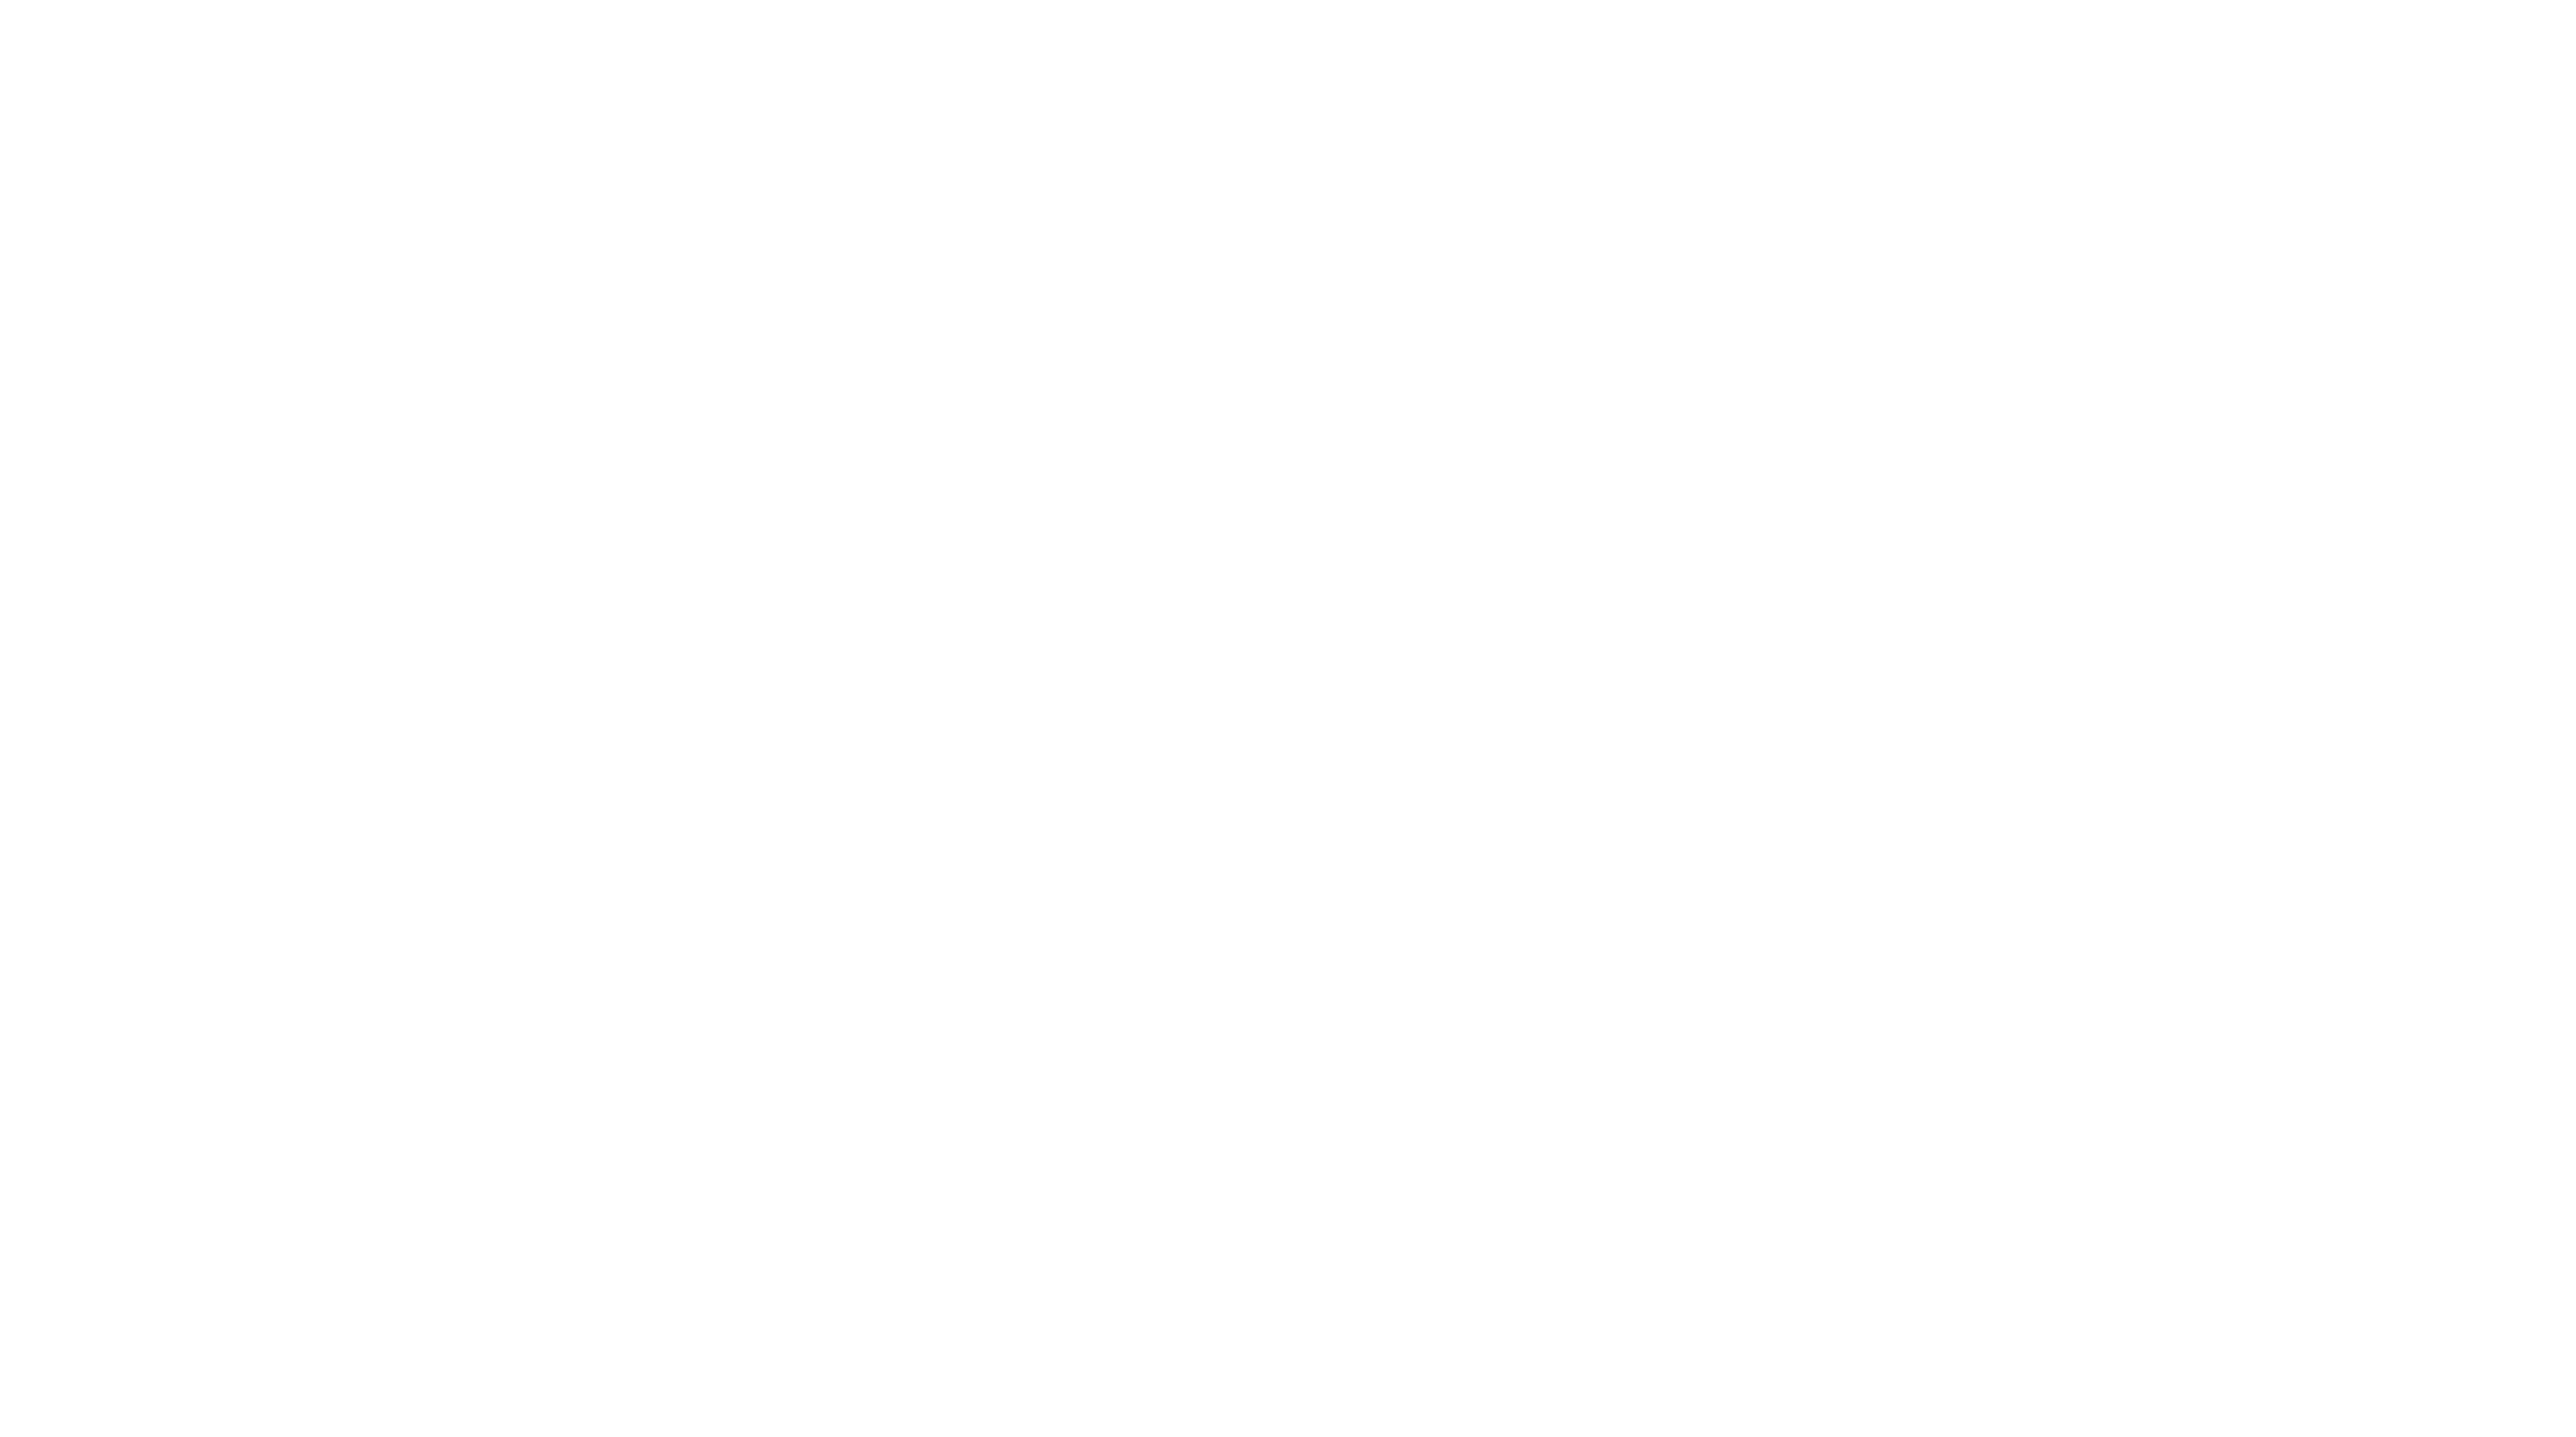 InforArte Digital Marketing